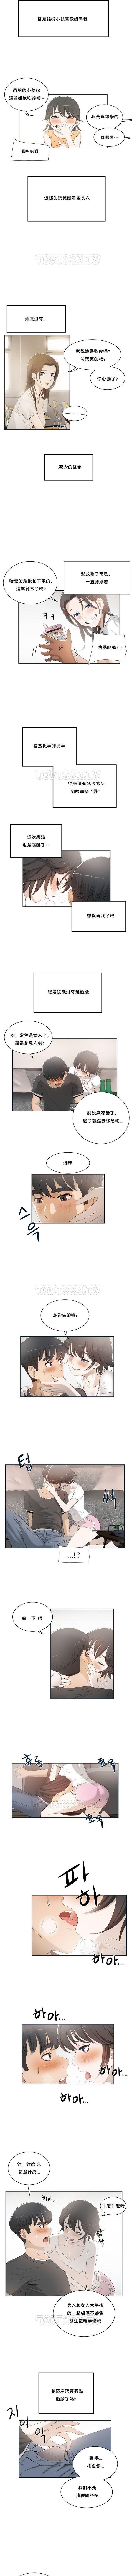 性教育 1-48.5 中文翻译(完結) 4